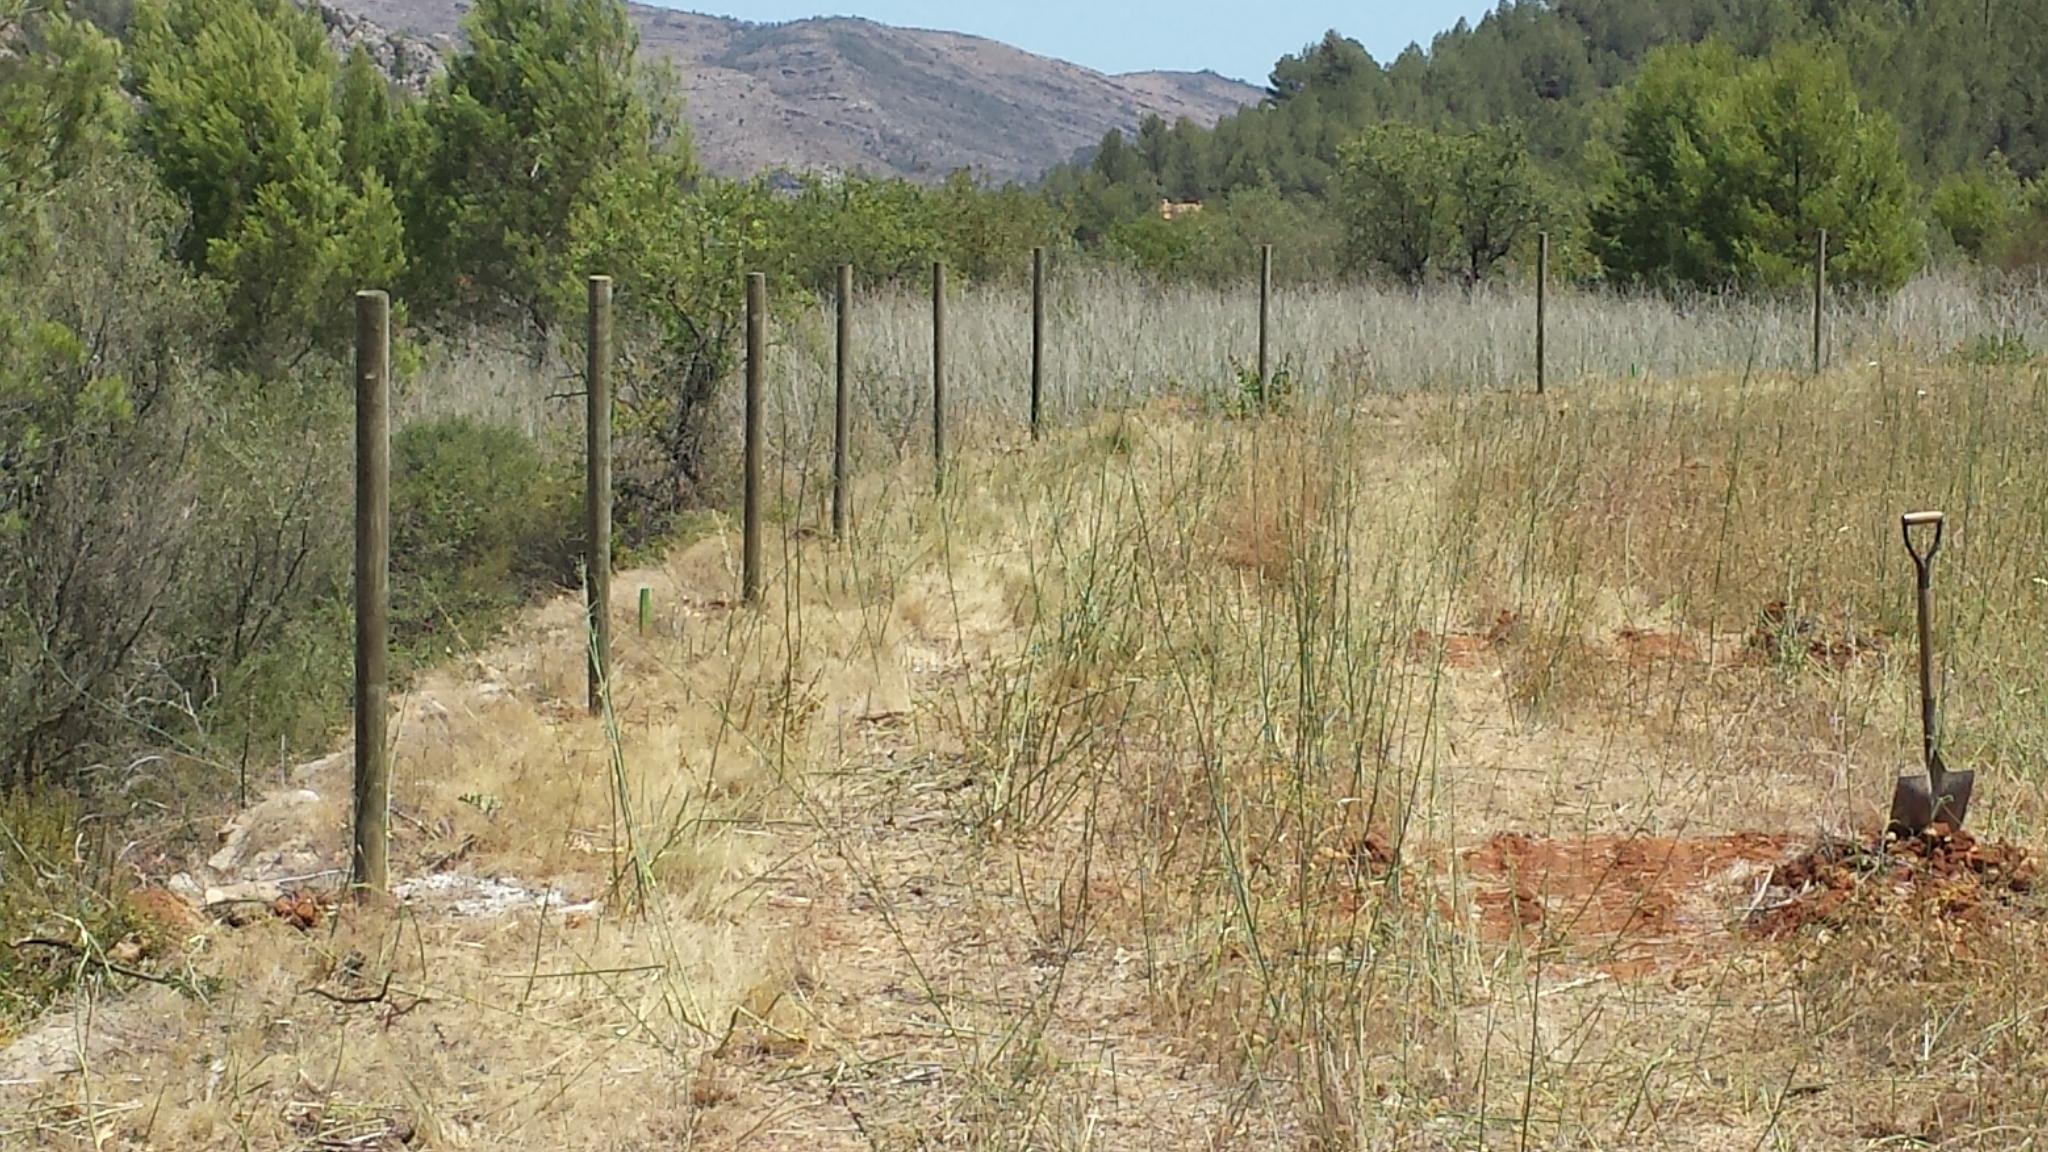 Cercados con postes de madera y malla rural anudada fincas - Cercado de madera ...